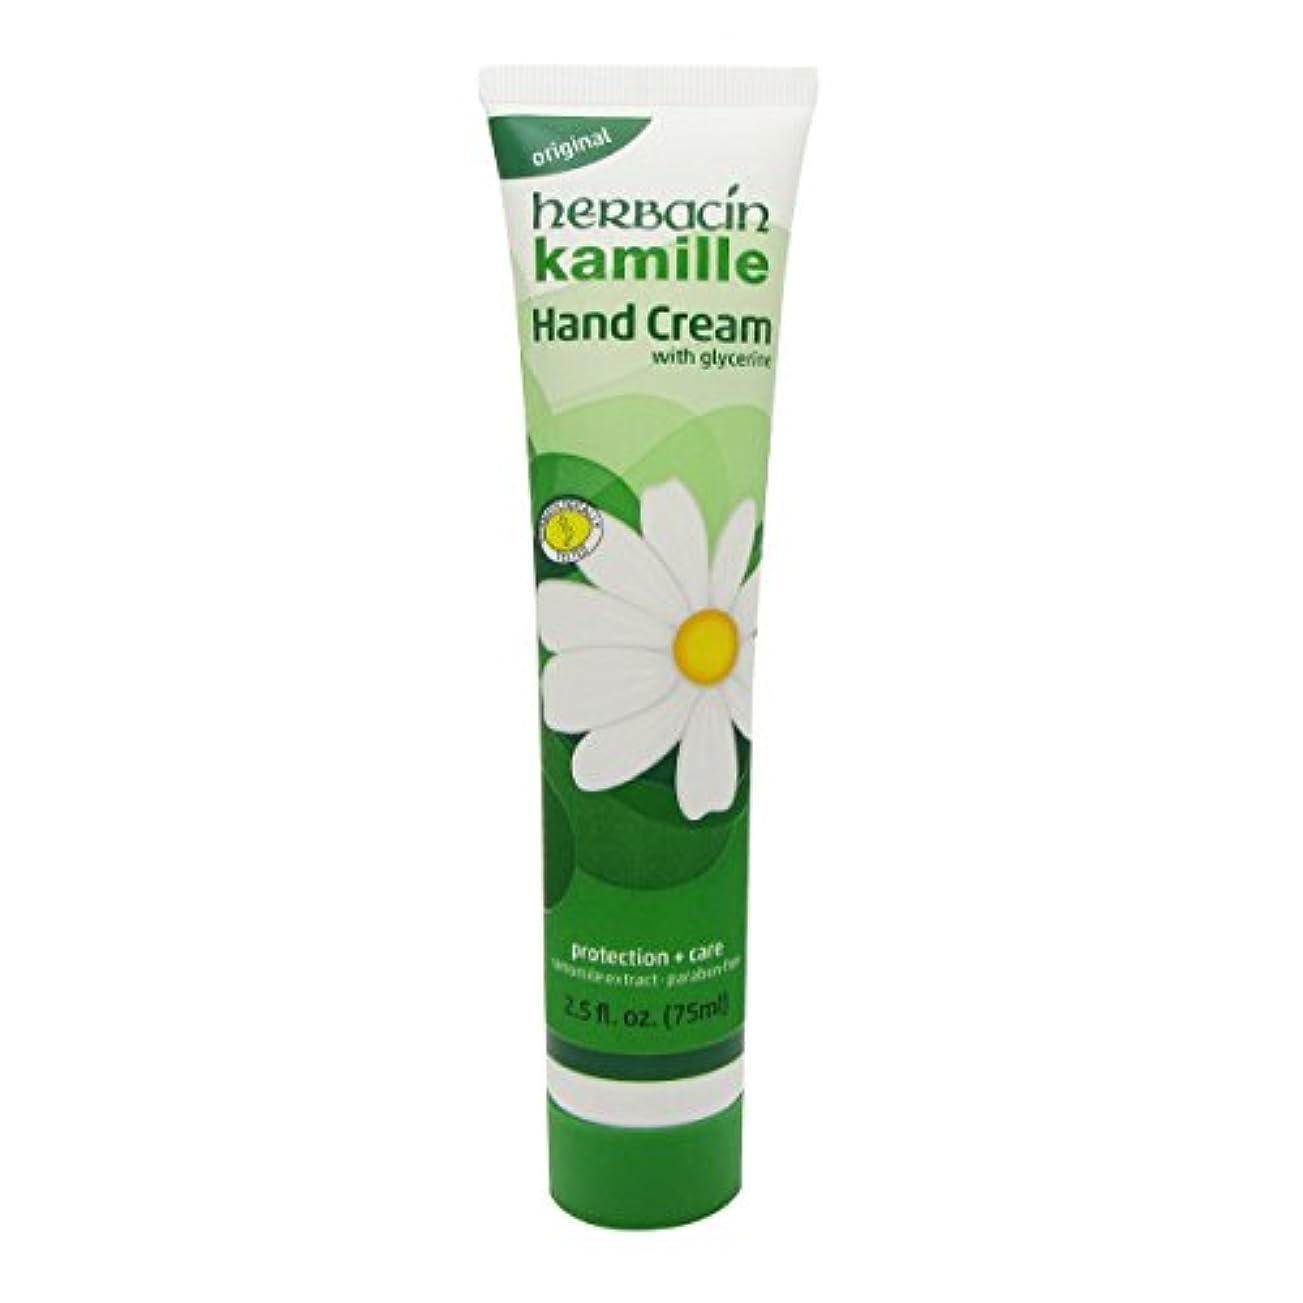 服地上の連想Herbacin Wuta Kamille Hand Cream Tubo 75ml [並行輸入品]